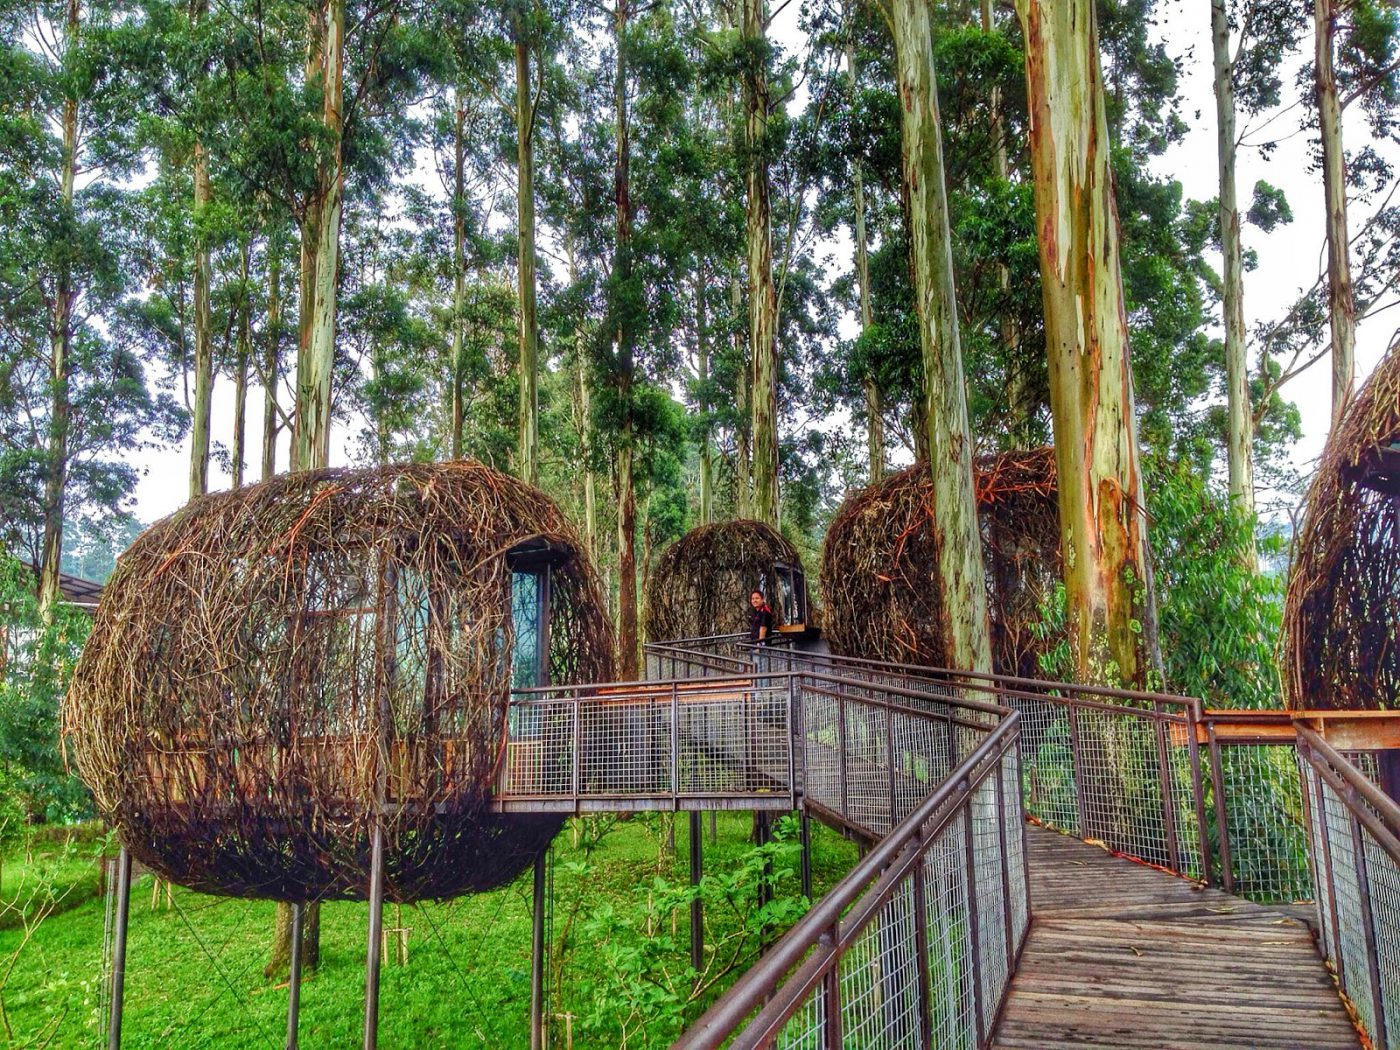 dusun-bambu-cisarua-bandung-jawa-barat-4